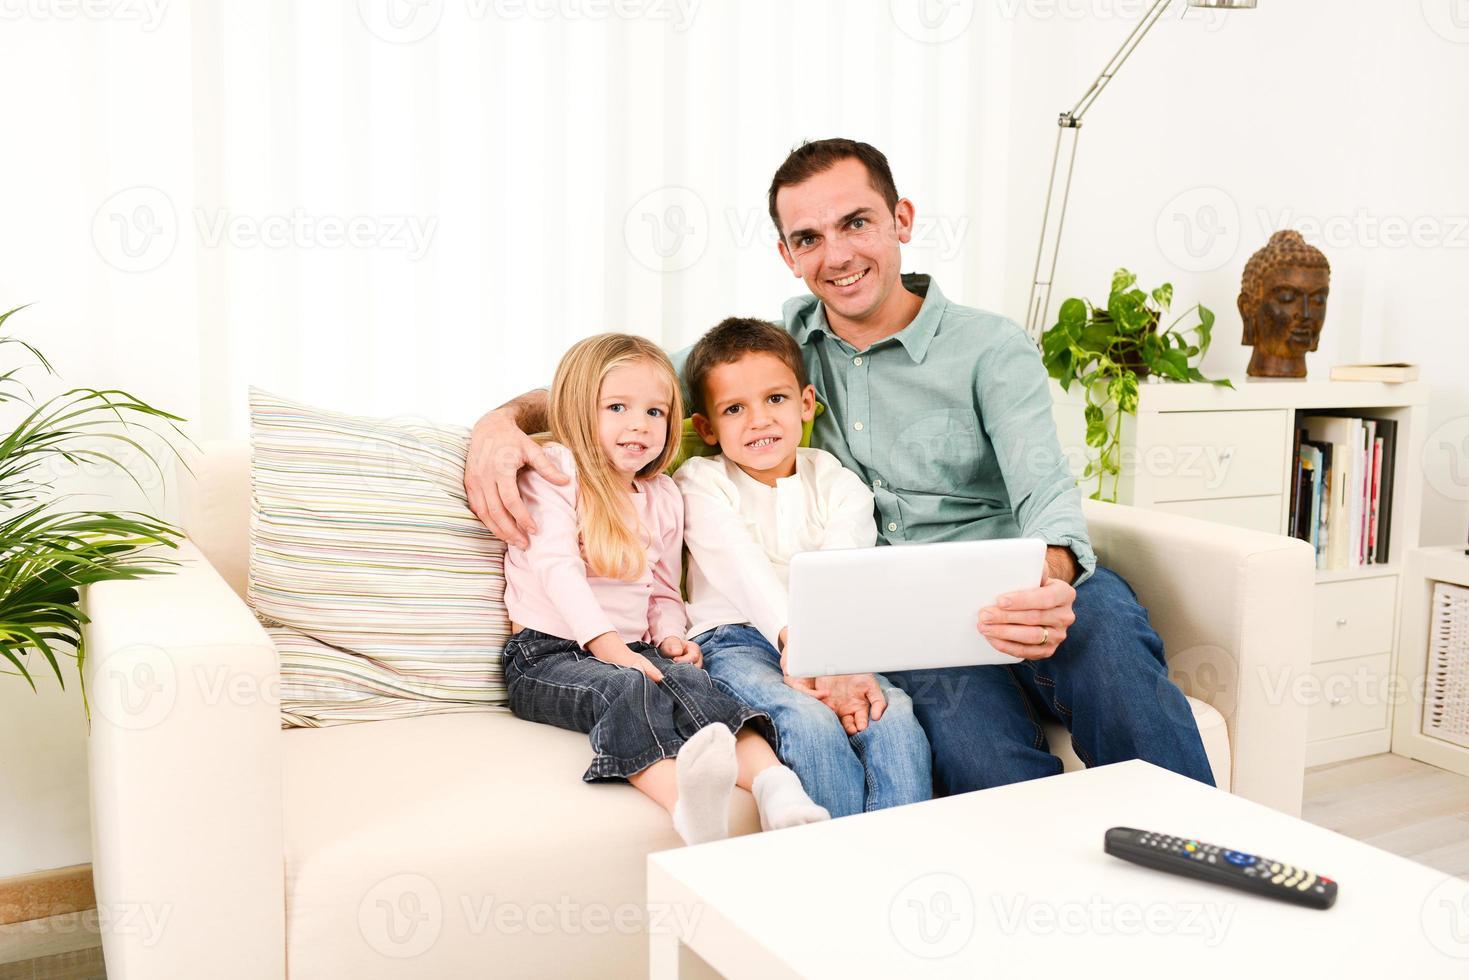 padre felice che gioca con la tavoletta digitale con i bambini a casa foto